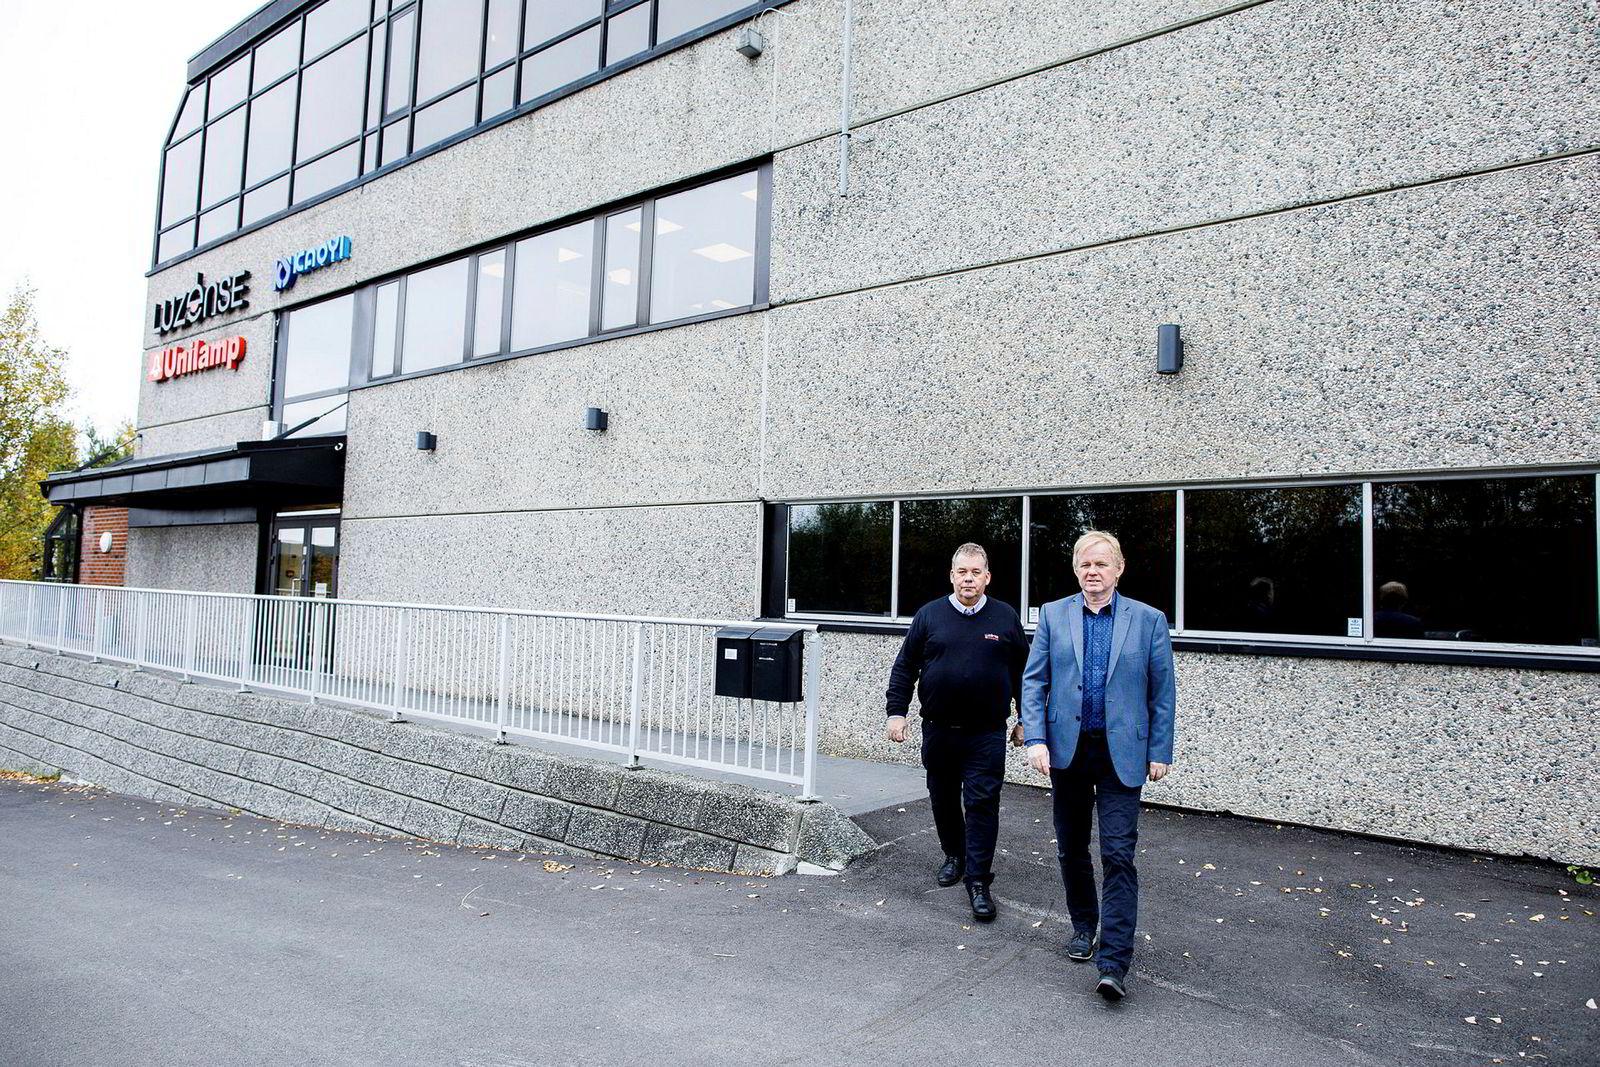 – Vi utfordrer de store markedslederne, sier administrerende direktør Per Norman Nielsen i Unilamp Norden til høyre. Ved hans side går markedssjef Ståle Brandt utenfor selskapets hovedkontor i Nittedal.